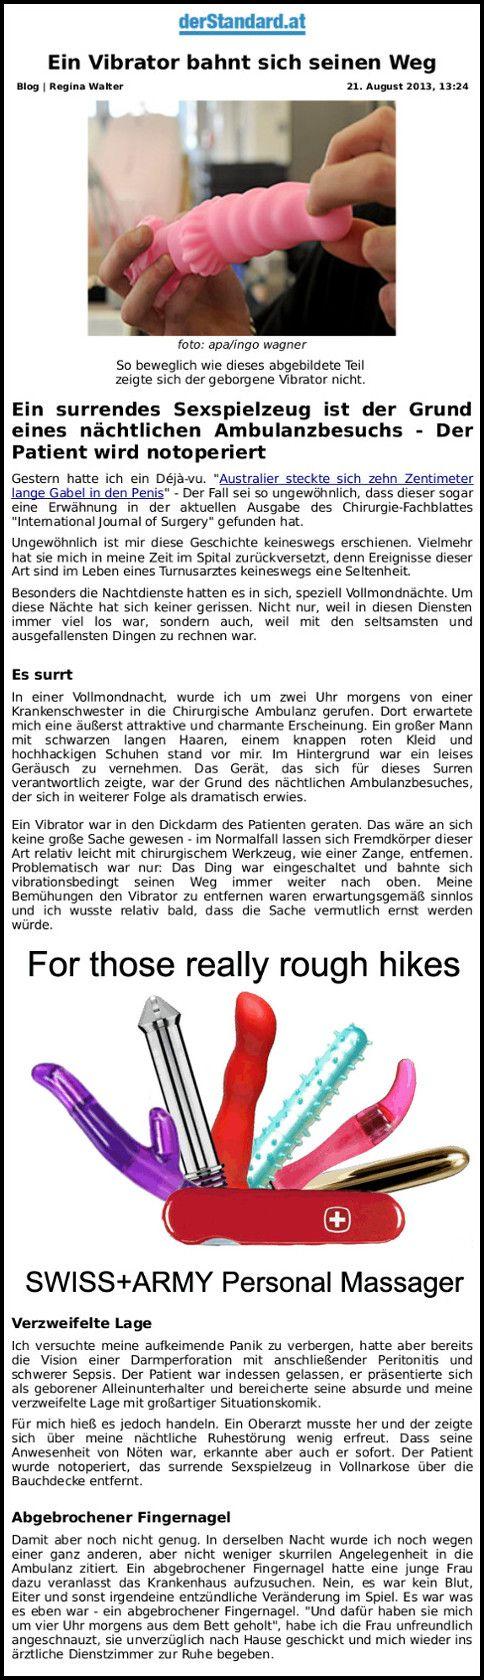 Florian Erft kommen sie, es surrt...!! :-D